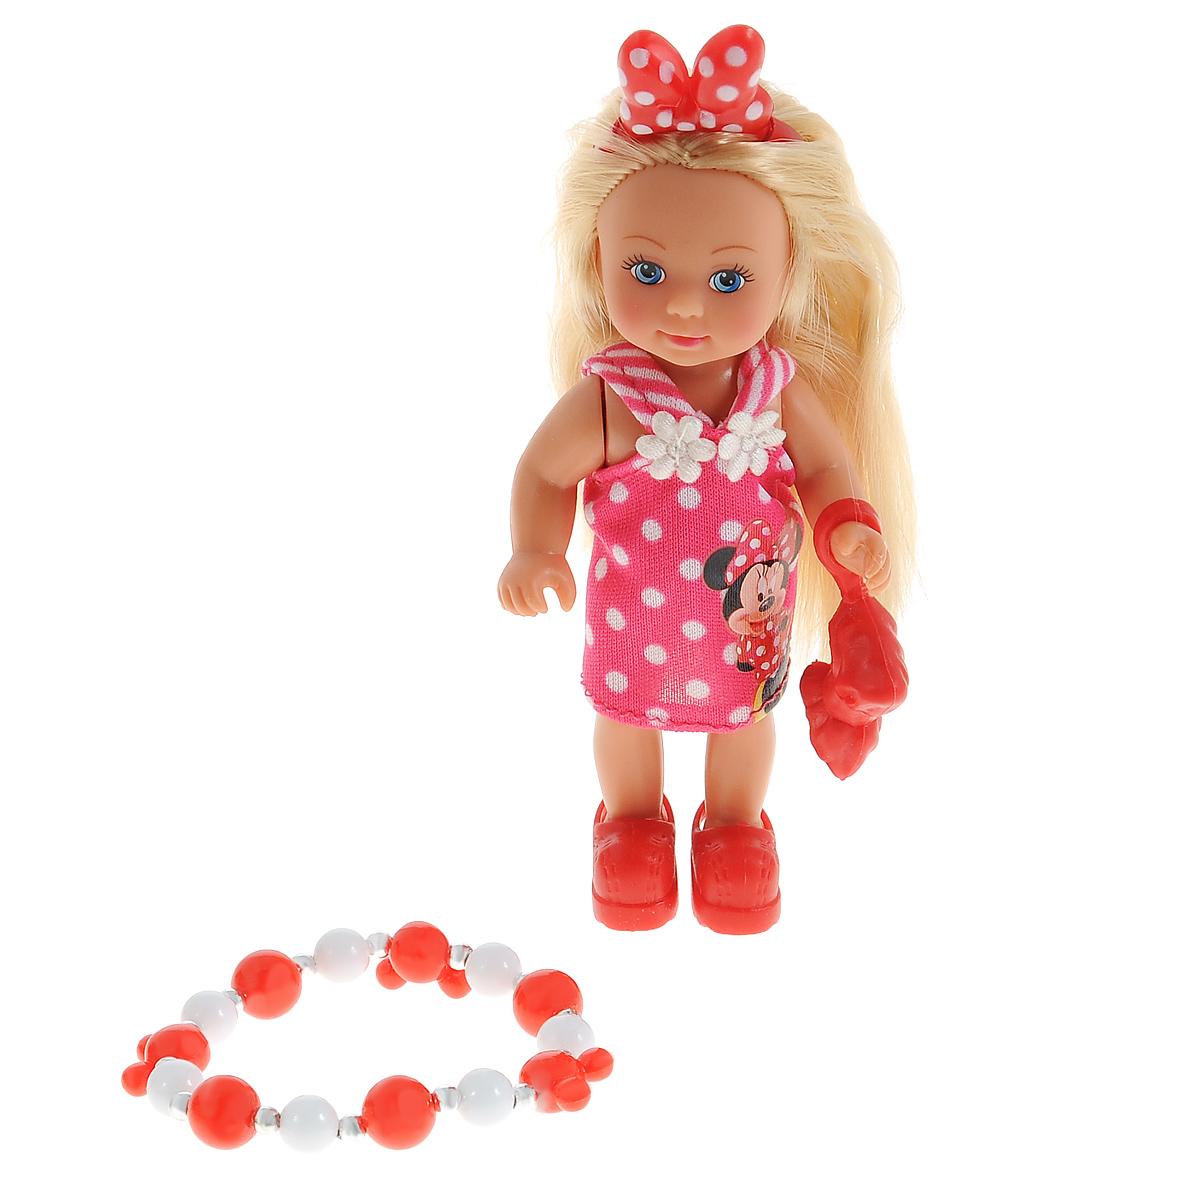 Simba Мини-кукла Еви Minnie Mouse цвет розовый5747701Кукла Simba Еви: Minnie Mouse порадует любую девочку и надолго увлечет ее. В комплект входит кукла и стильный браслет для самой девочки. Наряд куклы оформлен в стиле знаменитой героини Диснея Минни Маус. Малышка Еви одета в стильное платье, украшенное принтом в горошек и дополненное изображением Минни Маус, на голове у куклы - оригинальный бант. Вашей дочурке непременно понравится заплетать длинные белокурые волосы куклы, придумывая разнообразные прически. В комплект входит сумочка-клатч для куклы, выполненная в виде банта. Руки, ноги и голова куклы подвижны, благодаря чему ей можно придавать разнообразные позы. Игры с куклой способствуют эмоциональному развитию, помогают формировать воображение и художественный вкус, а также разовьют в вашей малышке чувство ответственности и заботы. Великолепное качество исполнения делают эту куколку чудесным подарком к любому празднику.